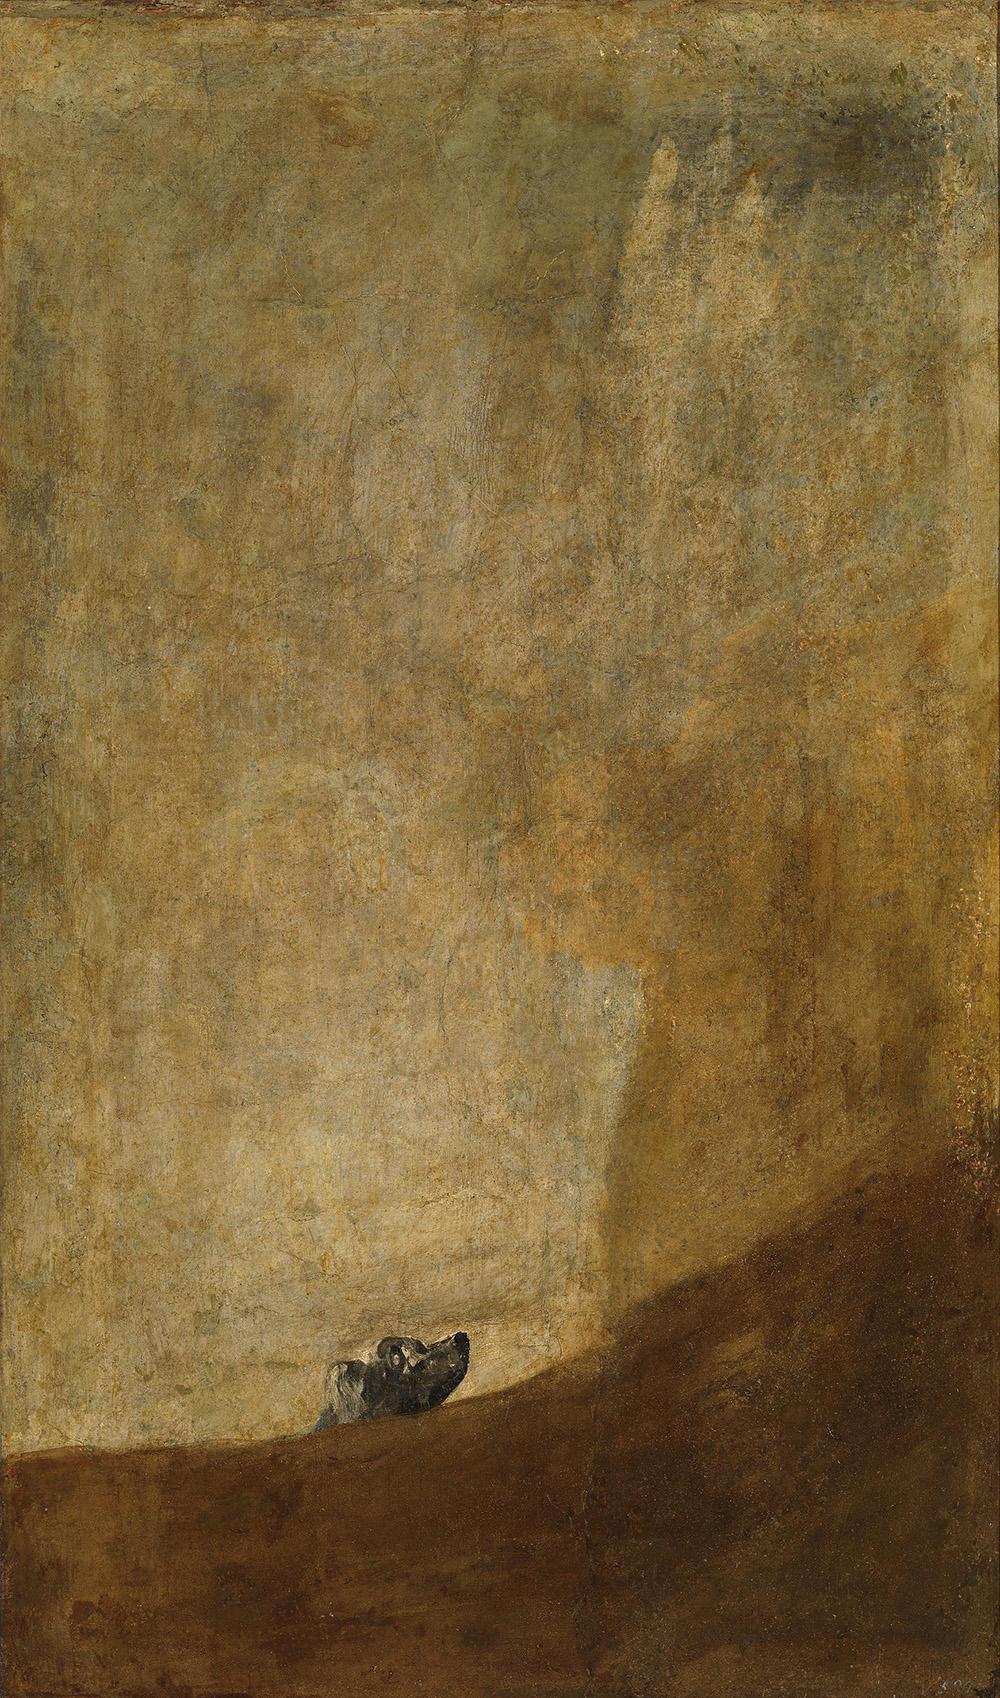 Una visita detallada al Museo del Prado 51 - Be There Before